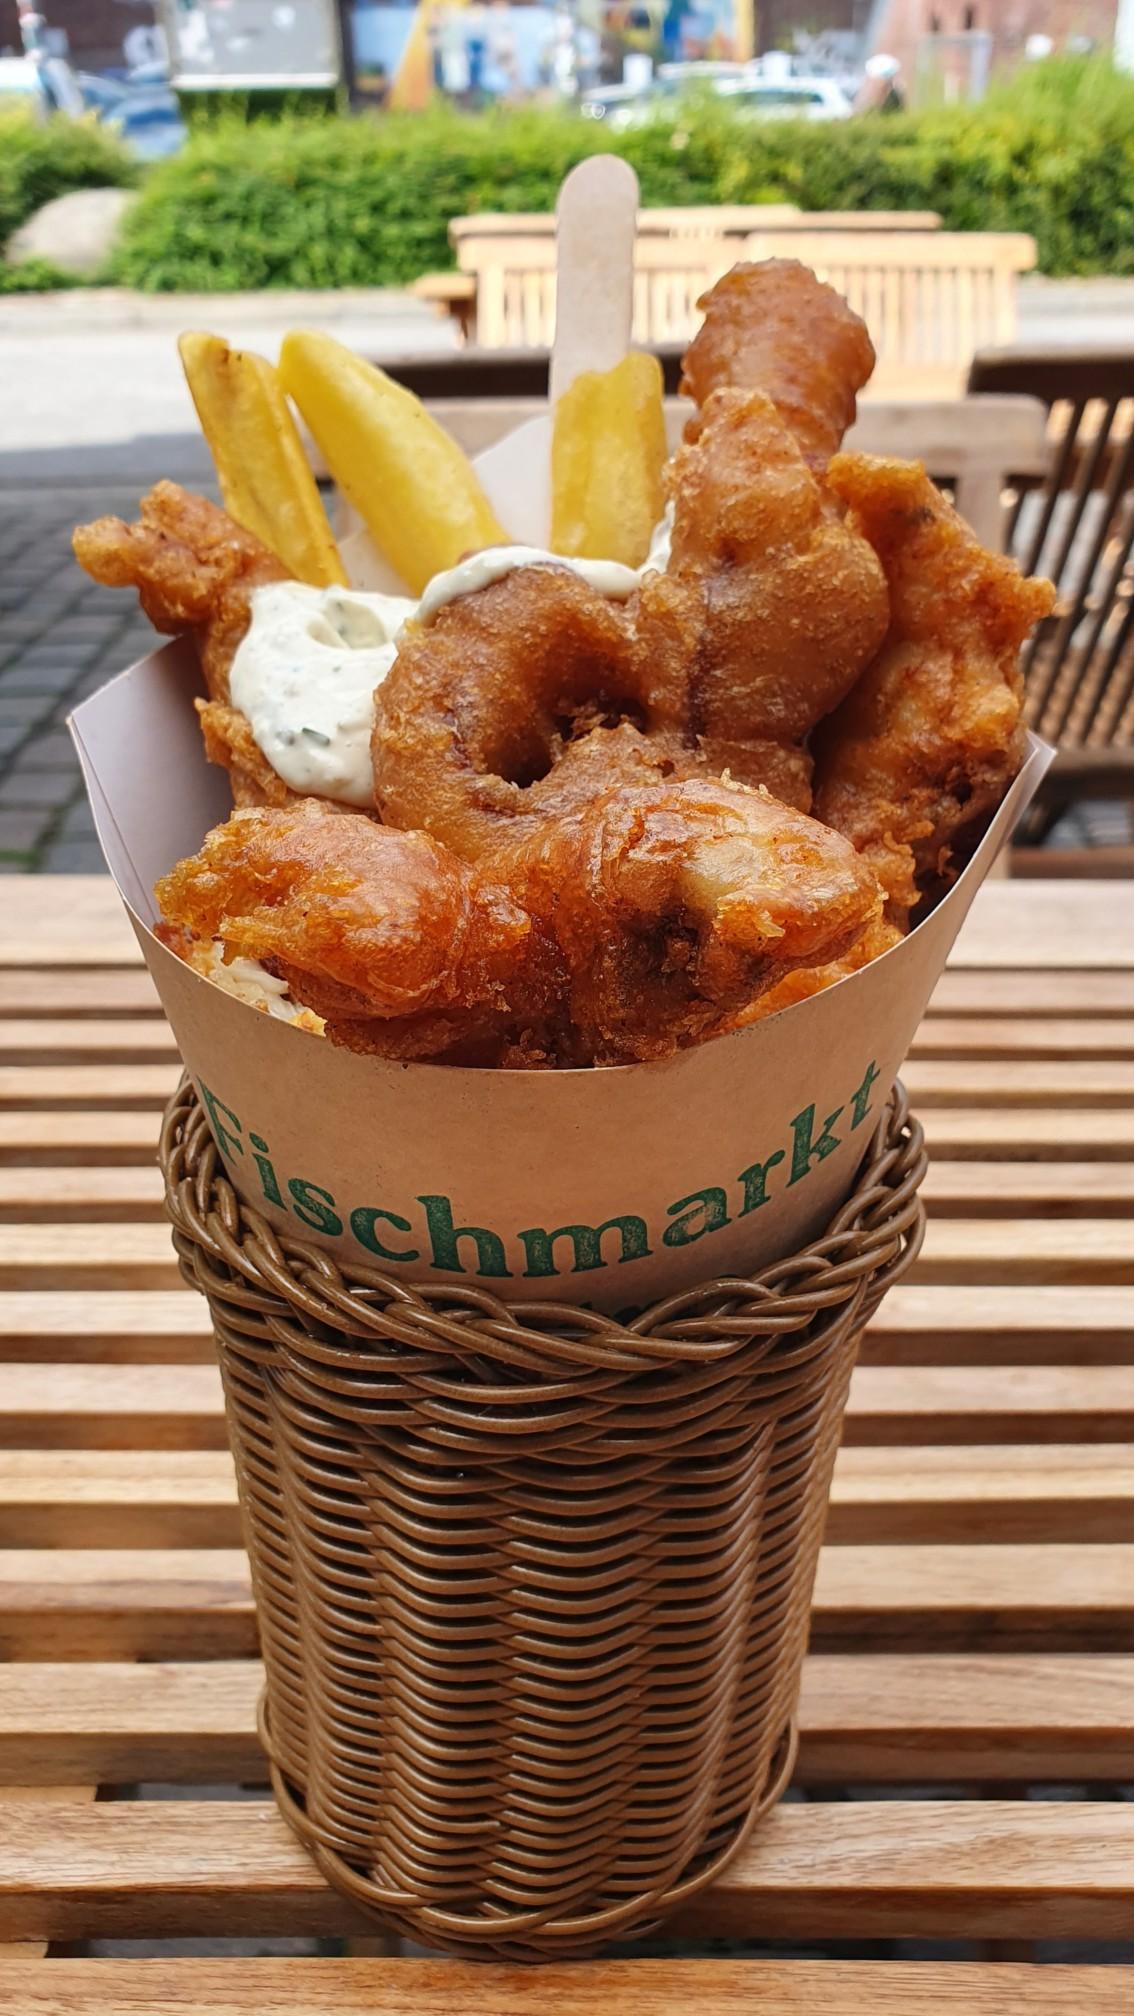 Backfisch in Hamburg